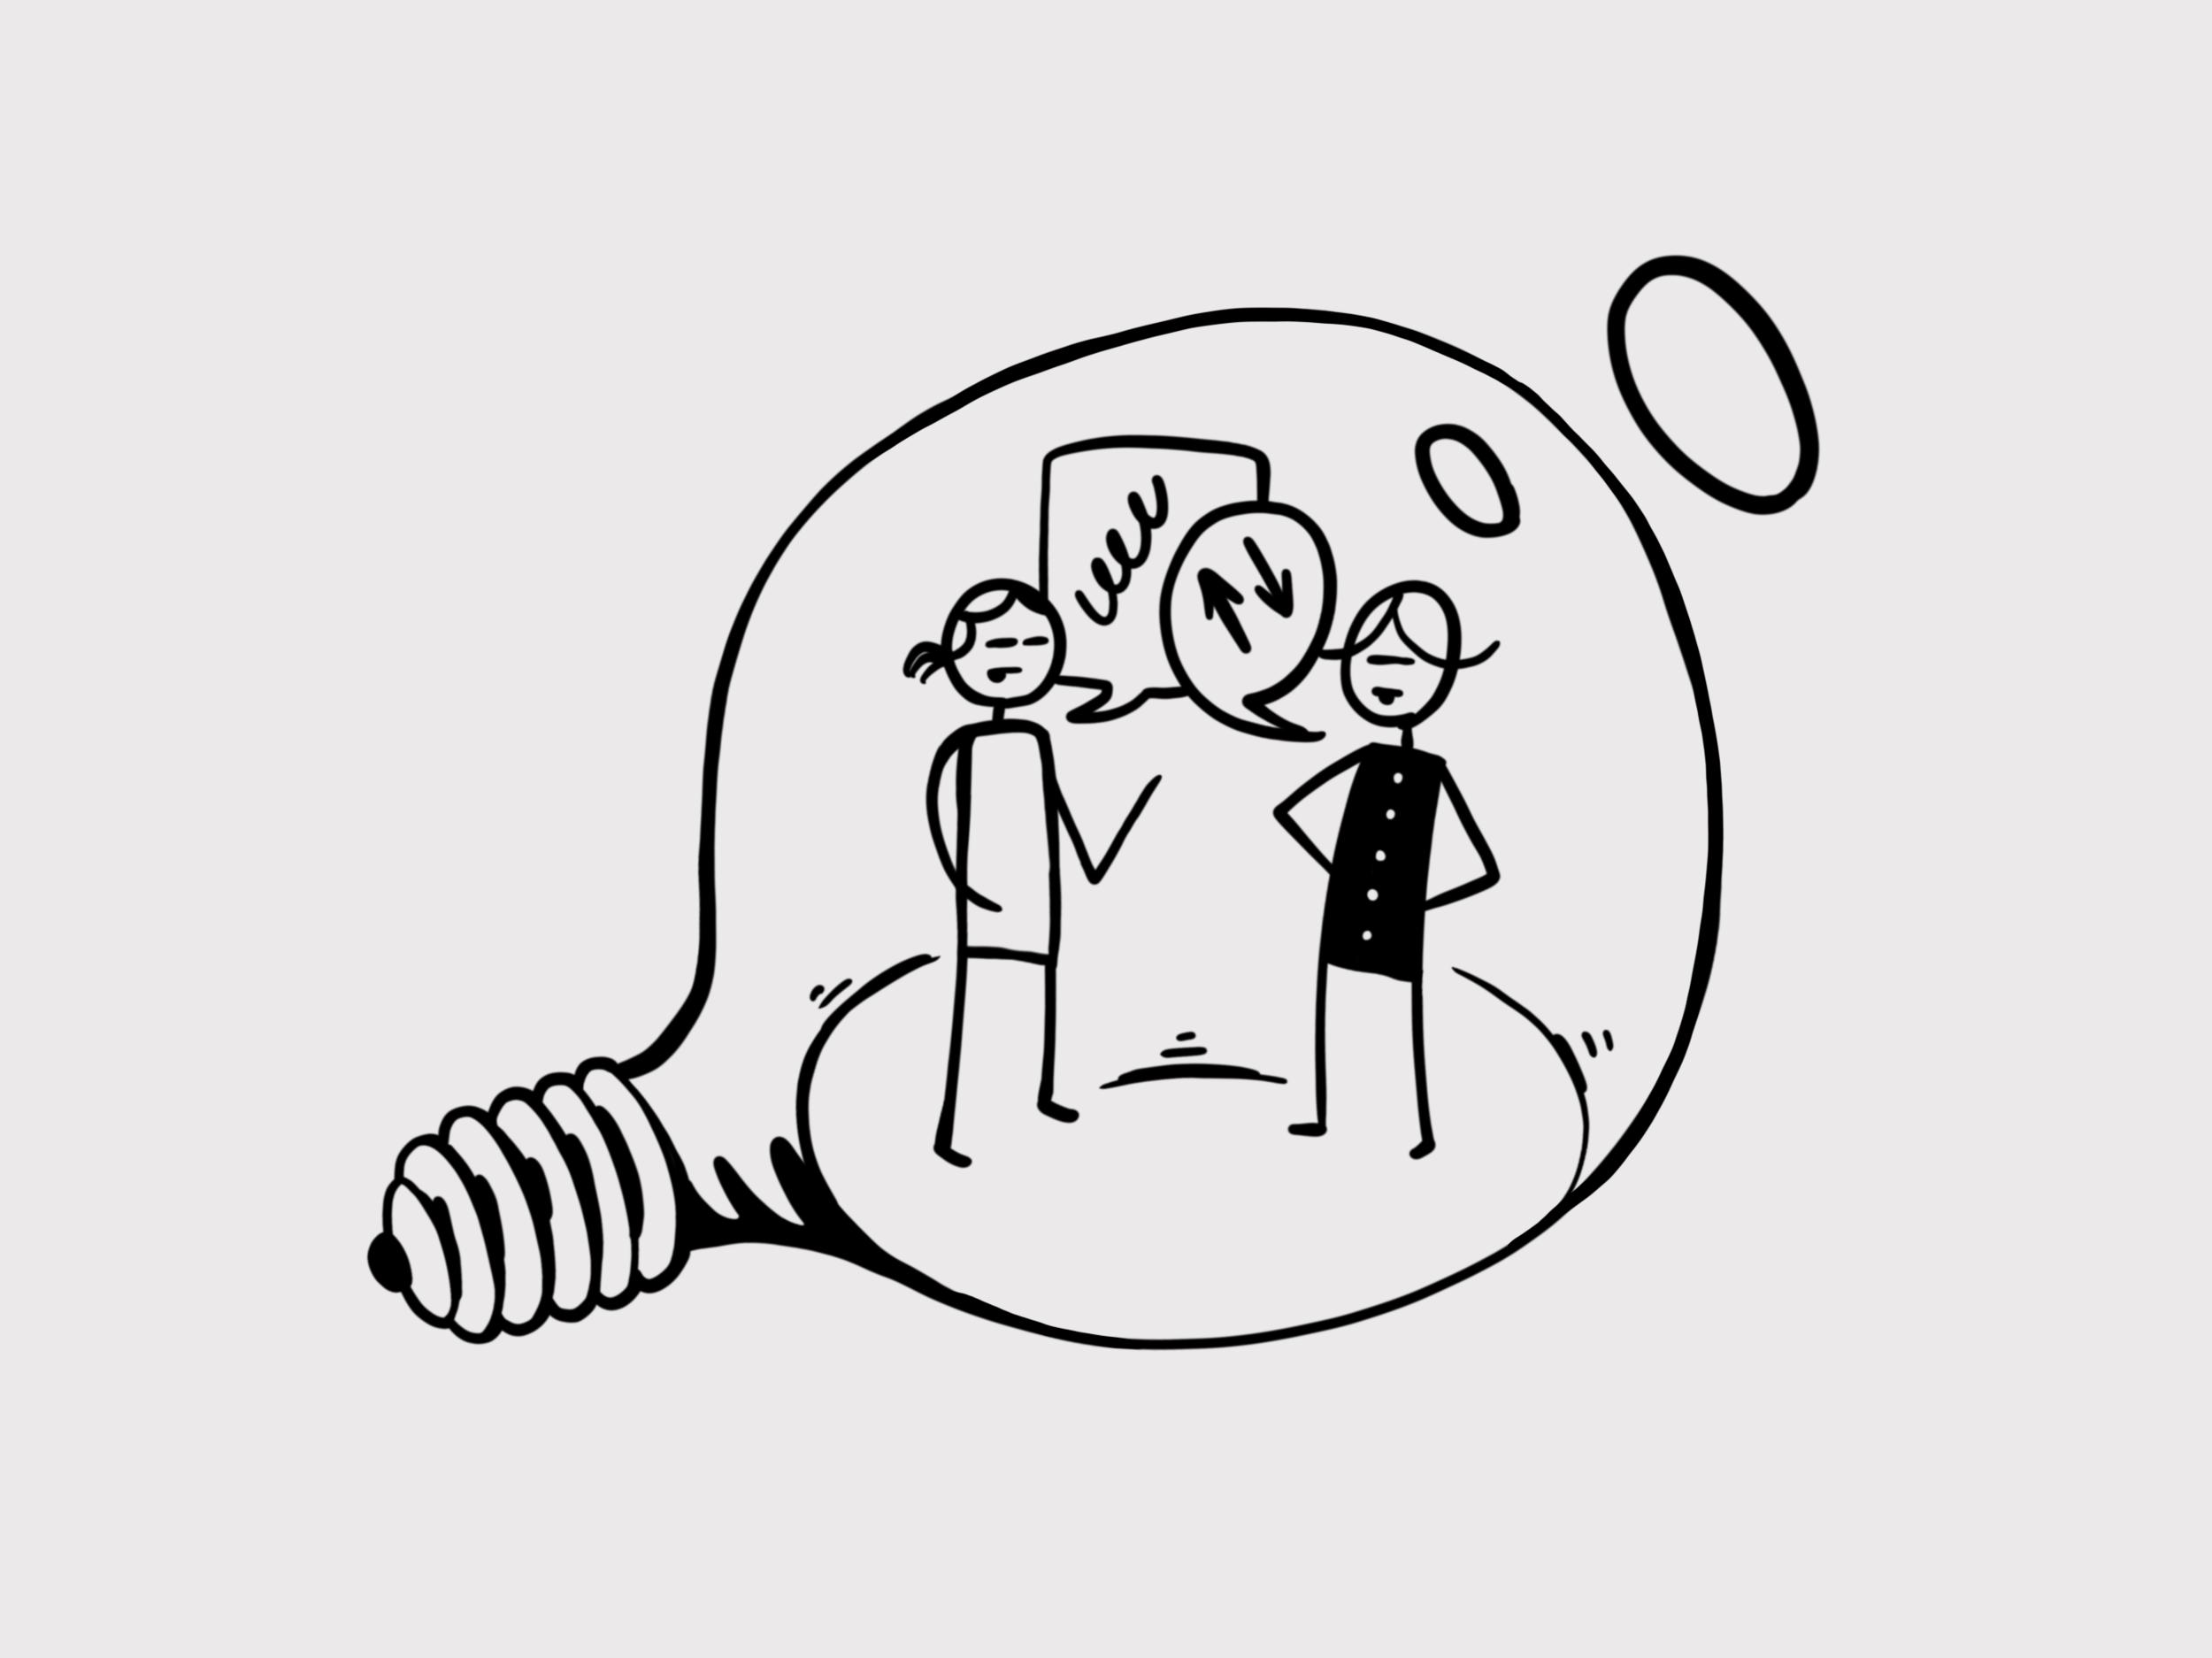 Få ut mer av dina möten - Tas alla personers kapacitet tillvara under möten eller personaldagar? Behöver din organisation tips, stöd eller en moderator? Få verktyg och kunskap för att leda möten.